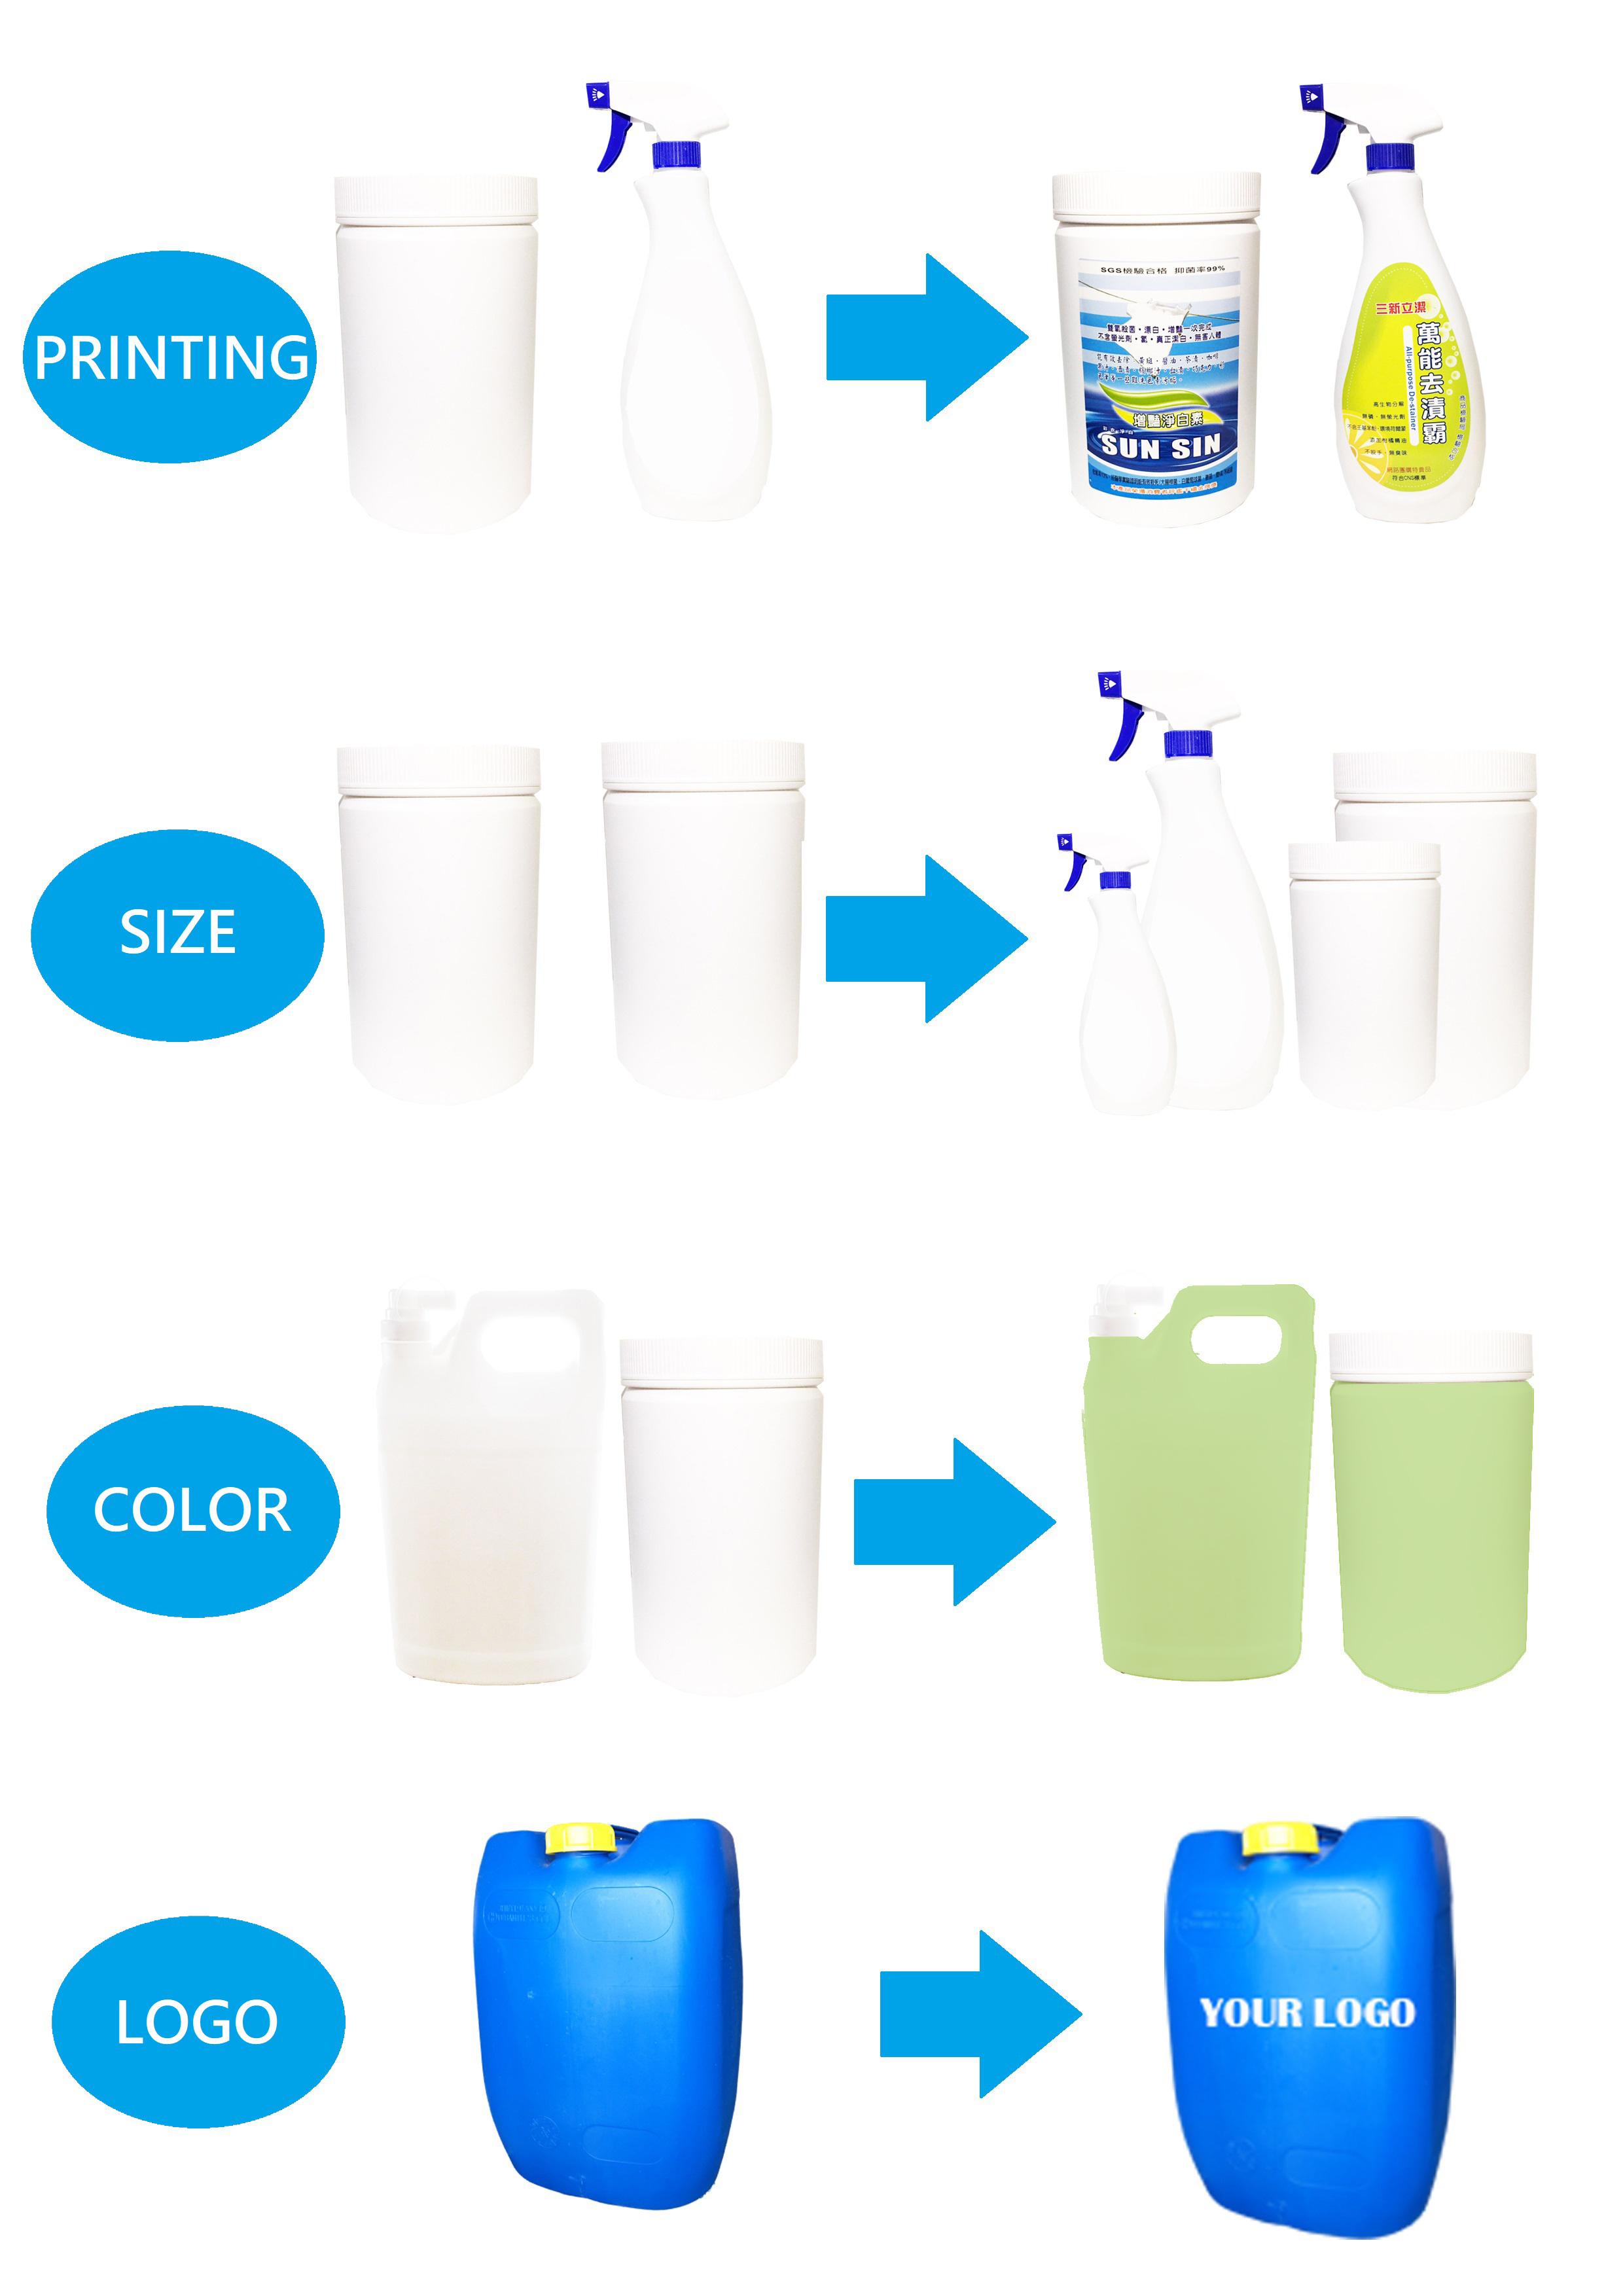 Bleach farbe kleidung ohne verblassen waschmittel pulver für industrie/haushalt verwenden